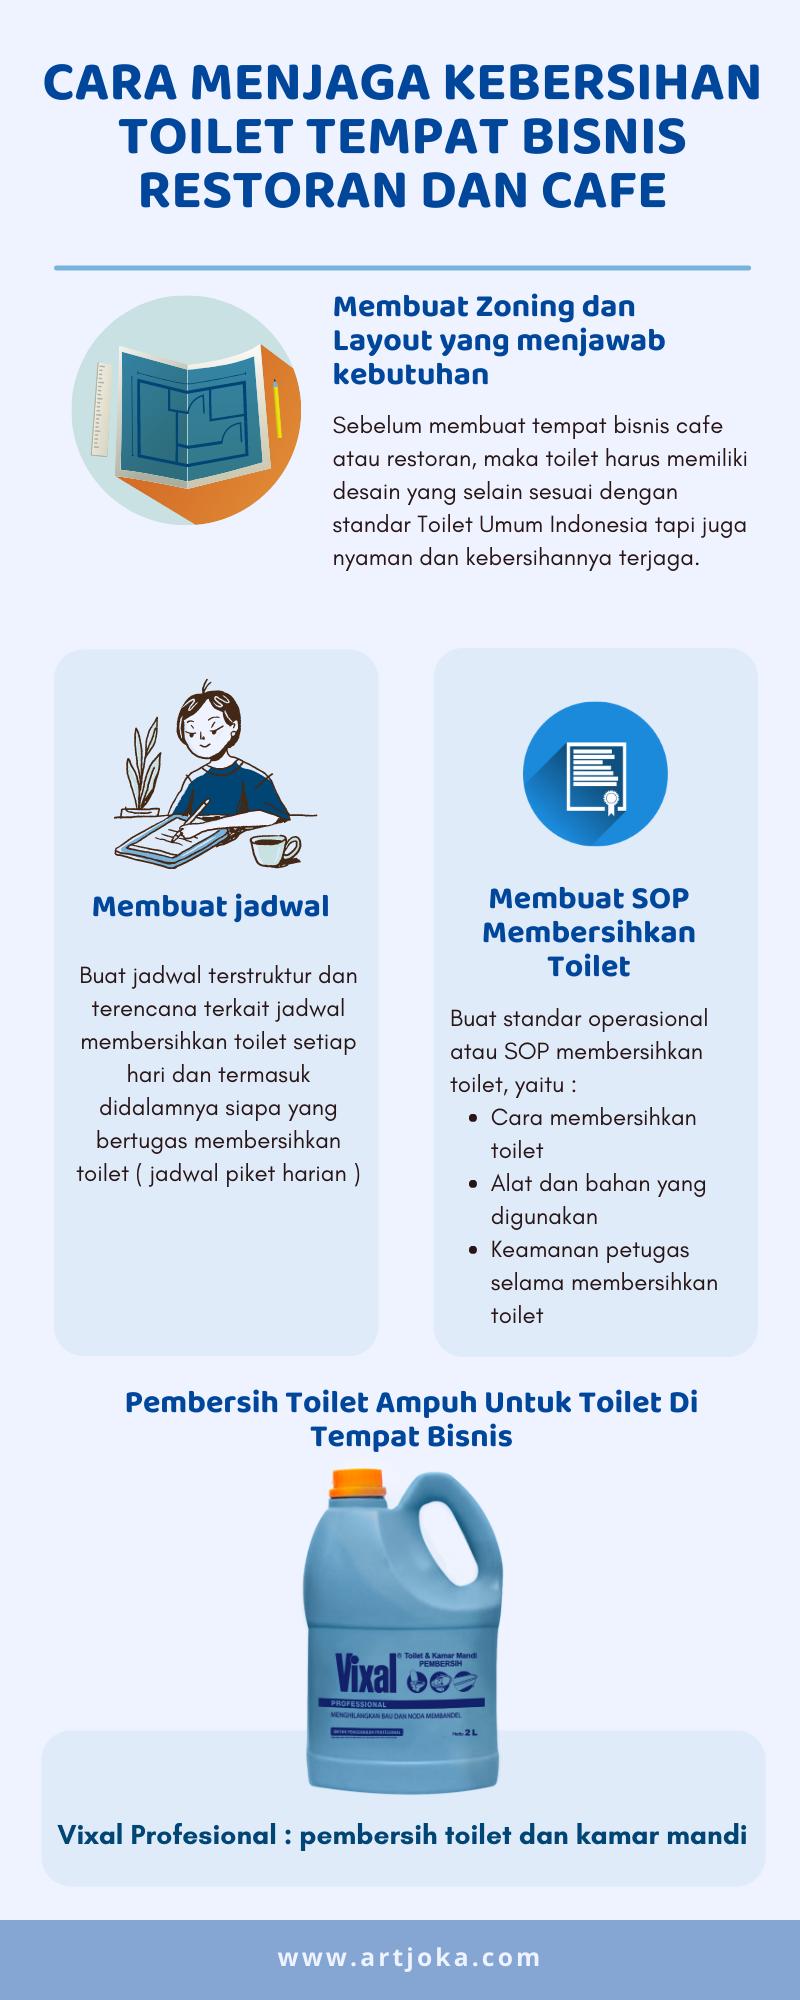 Cara-Menjaga-Kebersihan-Toilet-Tempat-Bisnis